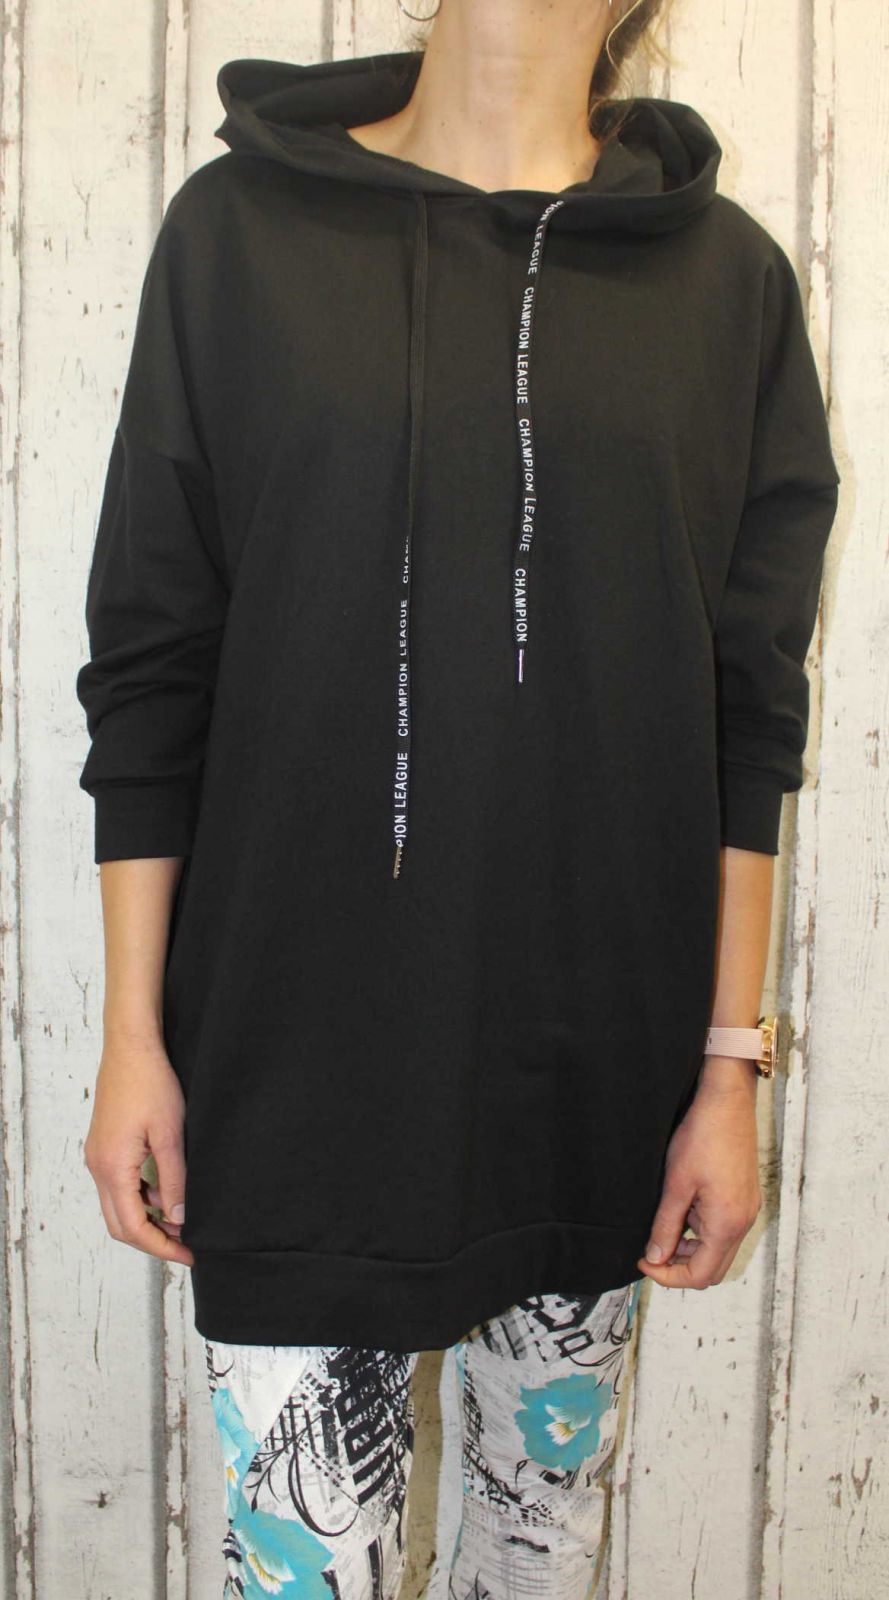 Dámská dlouhá mikina, dlouhé mikinové šaty, bavlněná dlouhá mikina, kostkovaná dlouhá mikina, černá dlouhá mikina Italy Moda